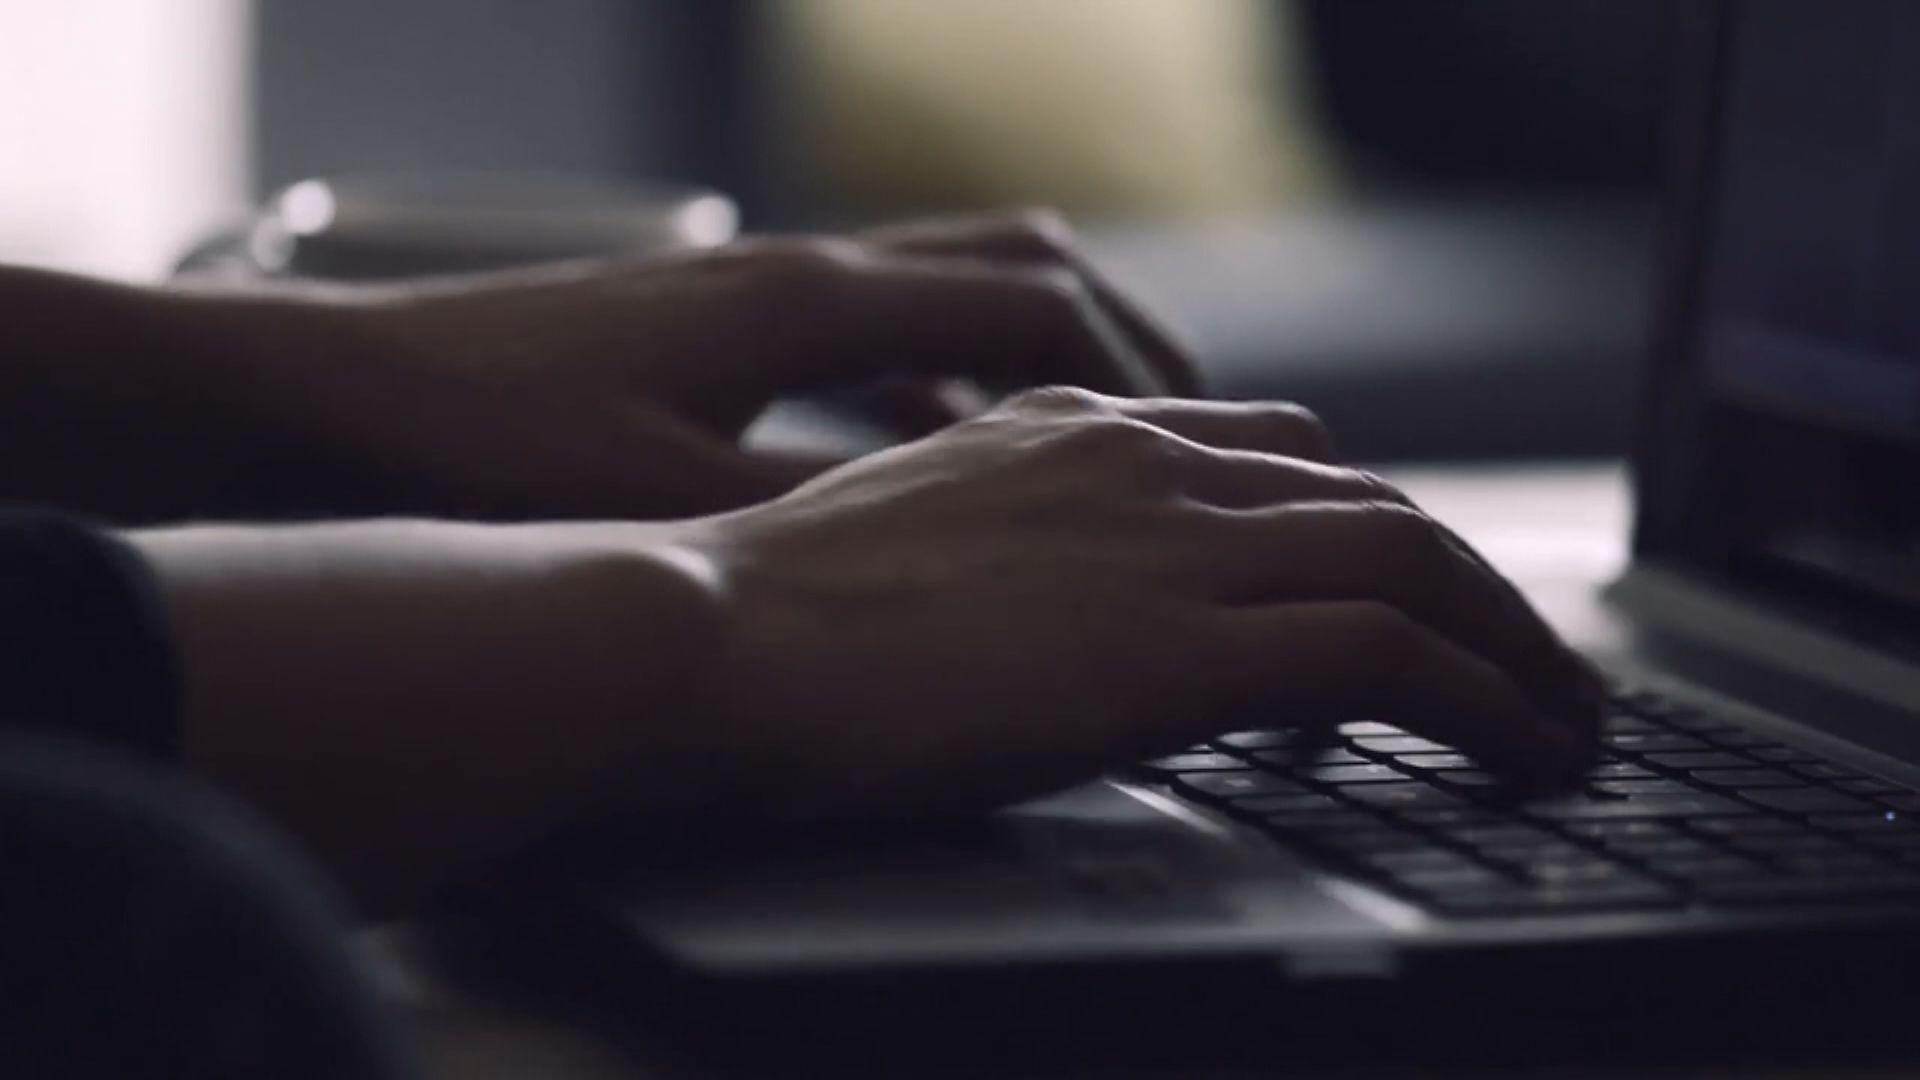 美國土安全部遭黑客入侵 料整個聯邦政府網絡皆被入侵